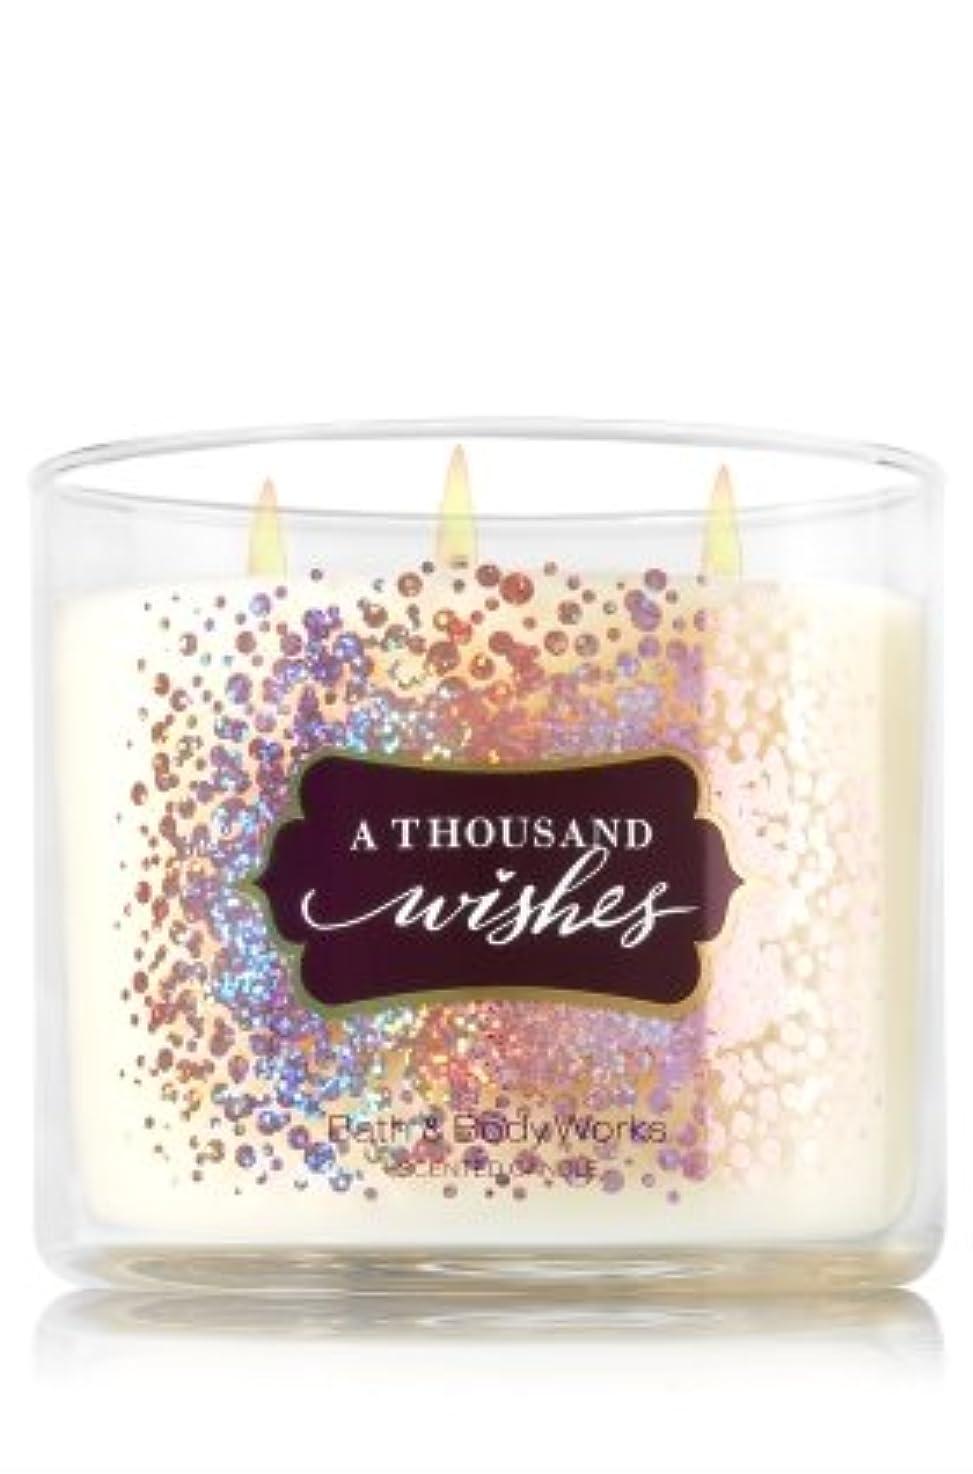 対人混乱させる支店【Bath&Body Works/バス&ボディワークス】 アロマキャンドル アサウザンドウィッシュ 3-Wick Scented Candle A Thousand Wishes 14.5oz/411g [並行輸入品]